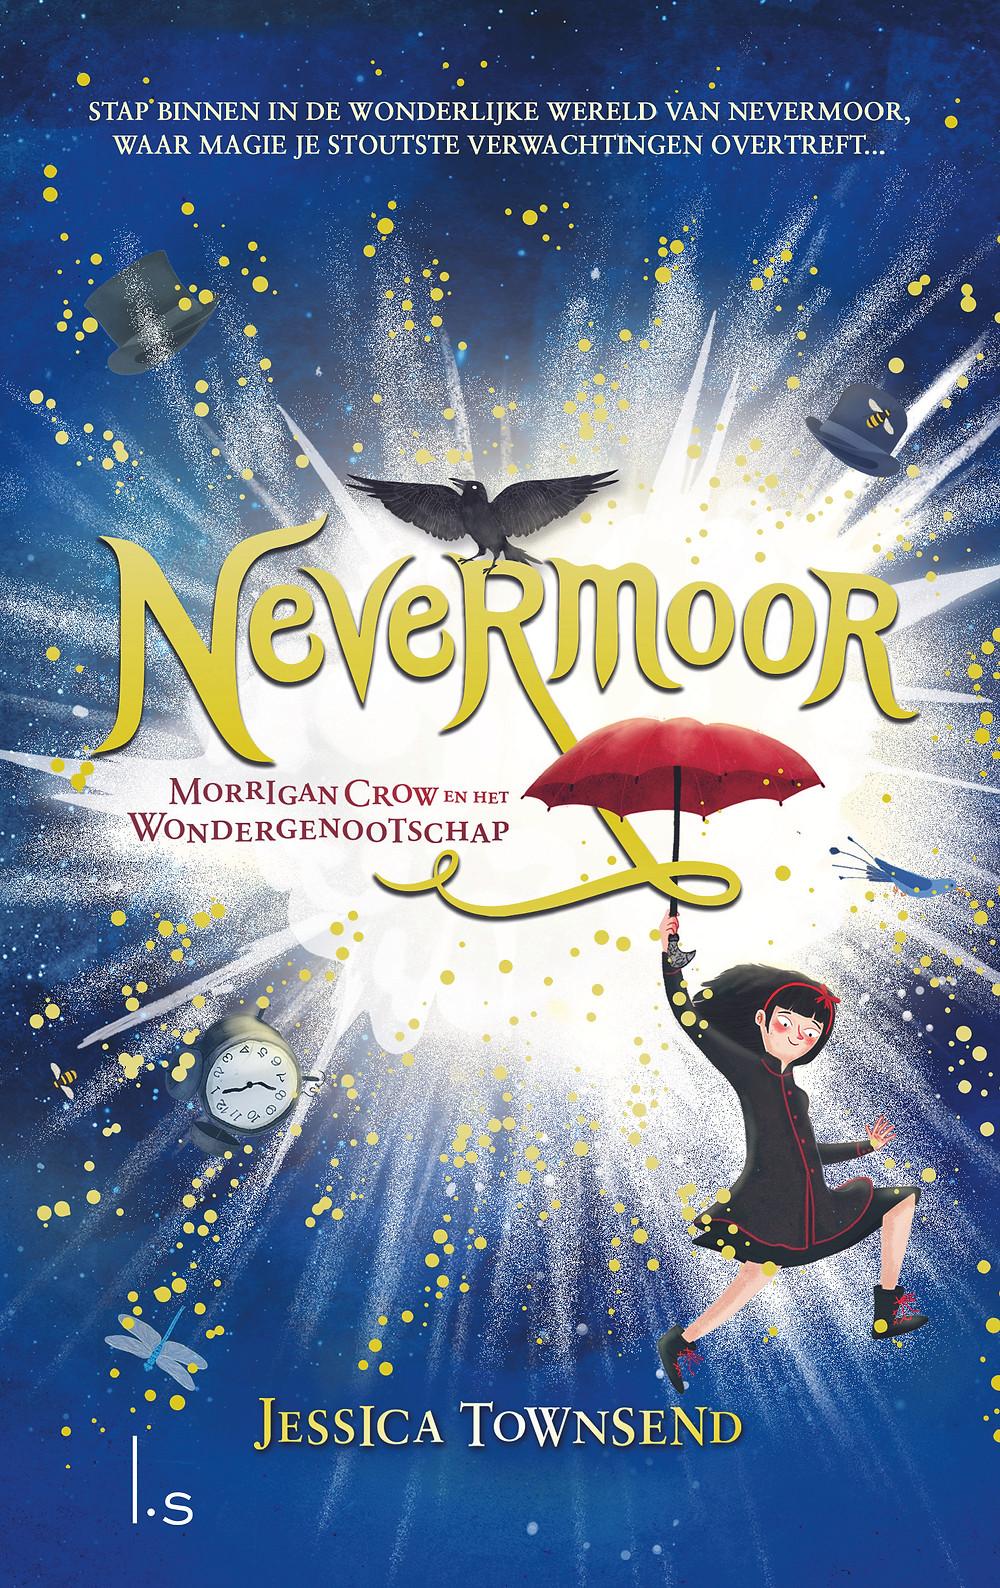 Boek Nevermoor voor volwassenen